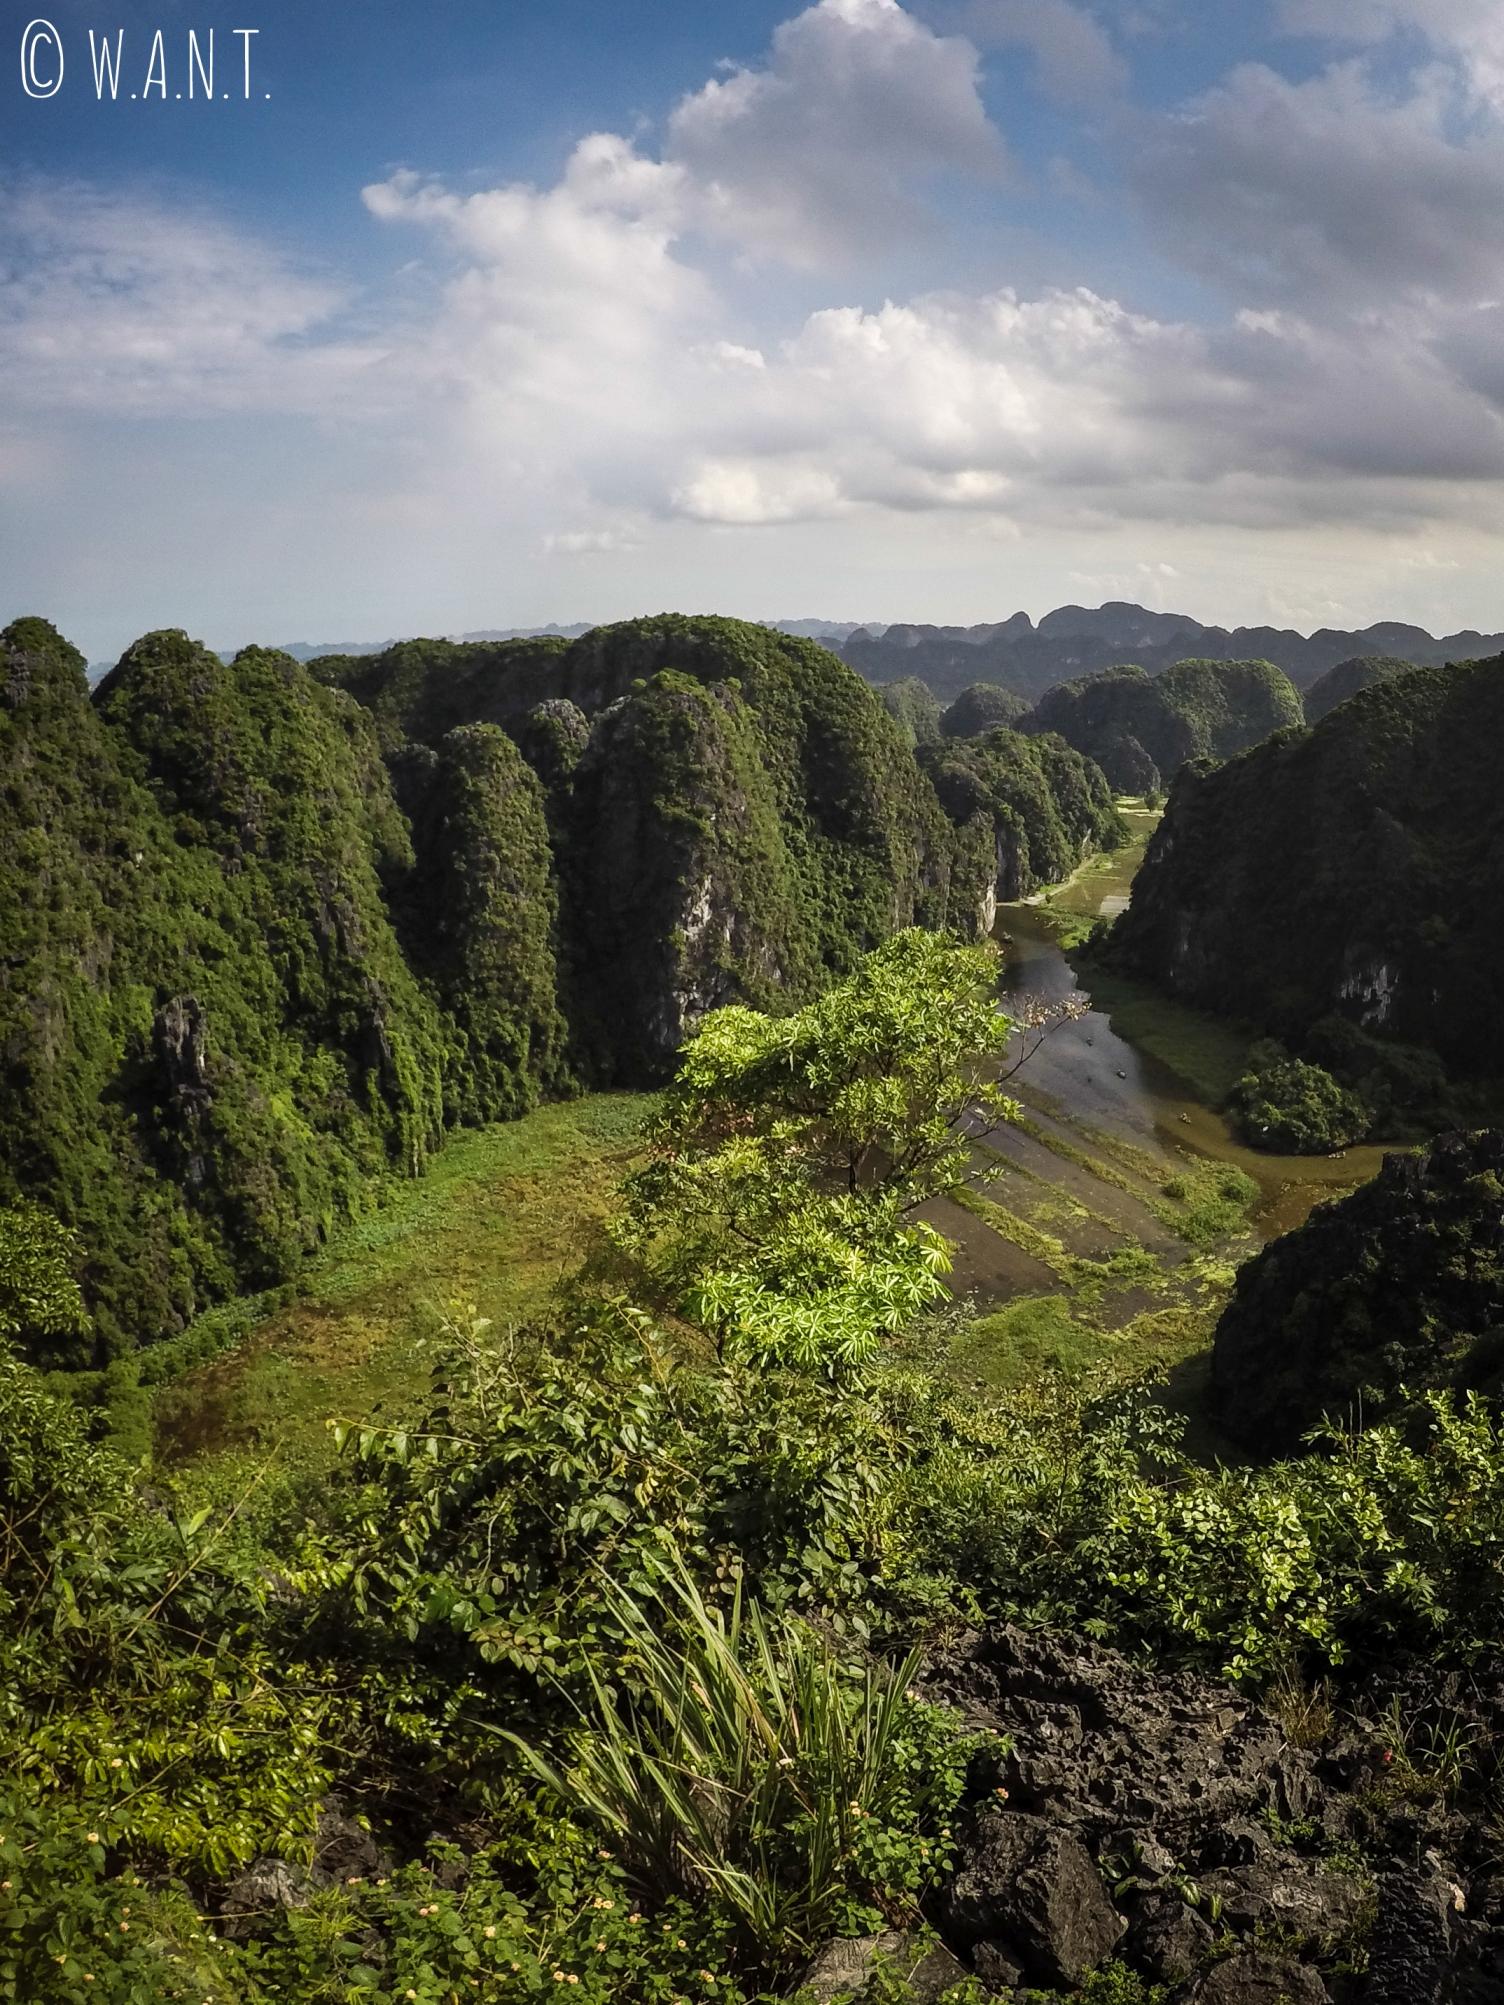 Vue sur la baie d'Ha Long terreste depuis le point de vue de Mua Caves à Tam Coc